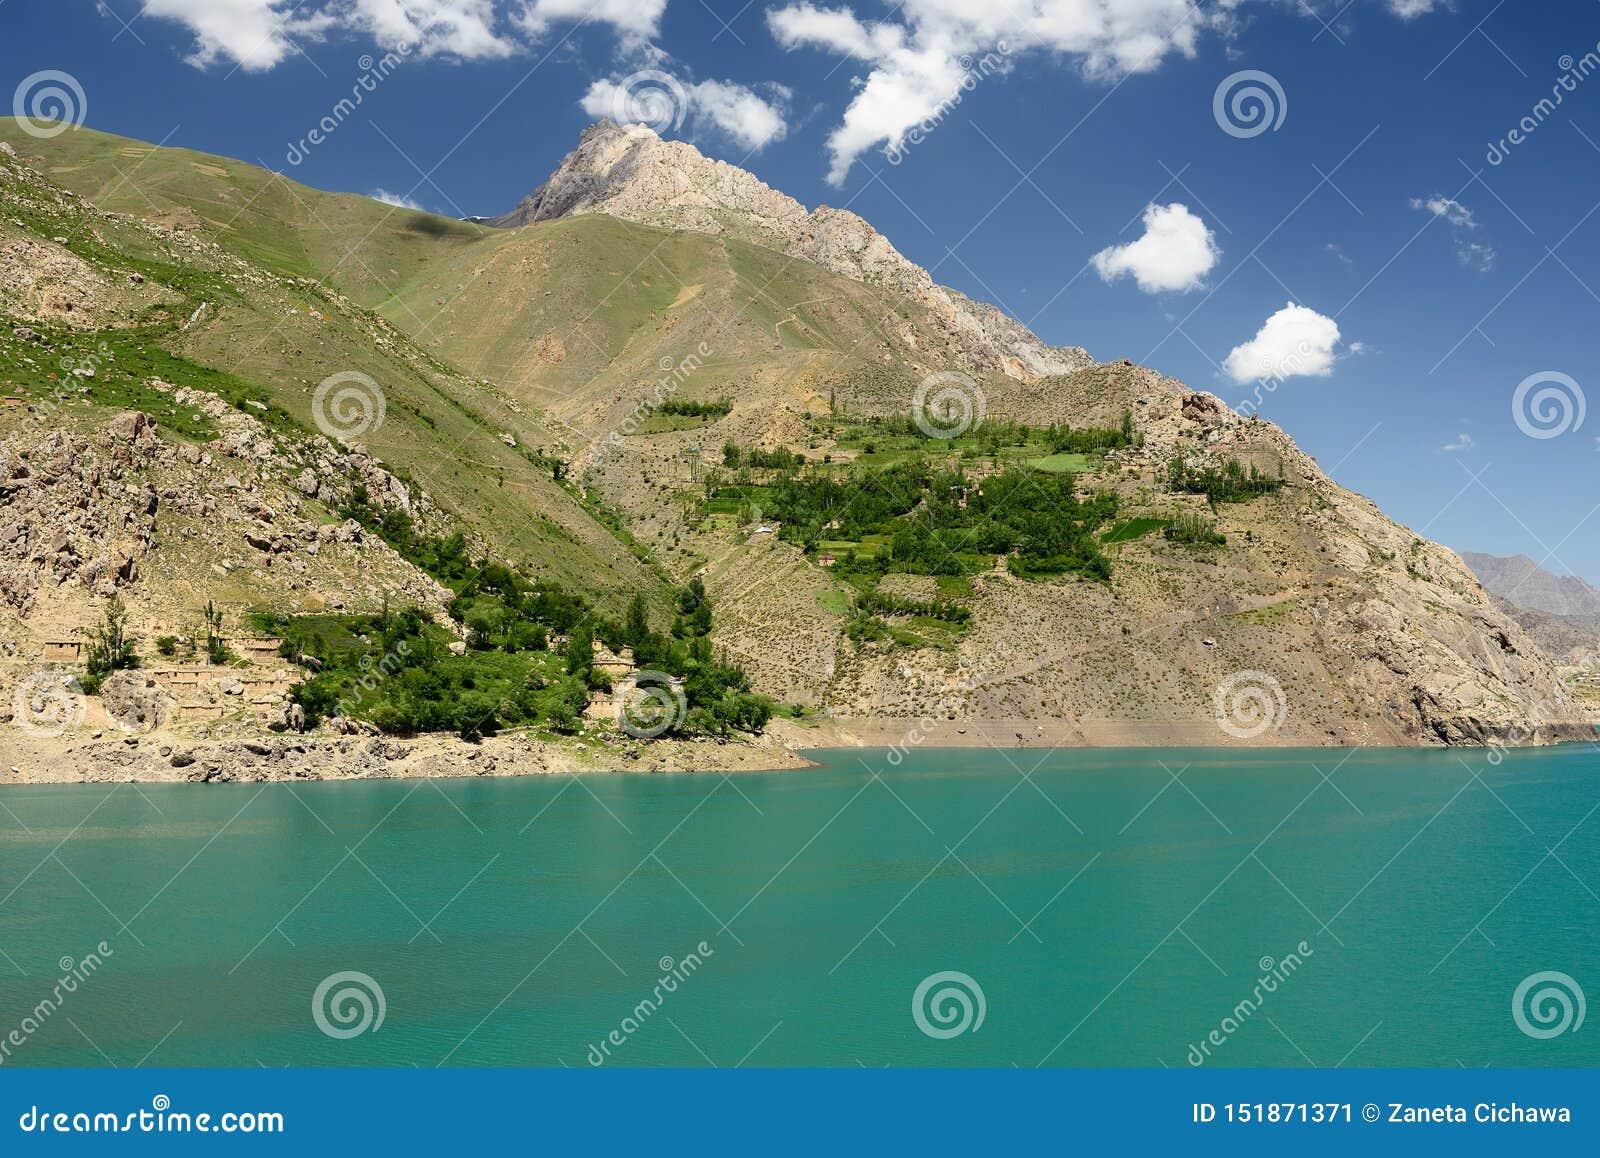 Rastros de los lagos en las montañas de la fan, Tayikistán mango-Kul siete